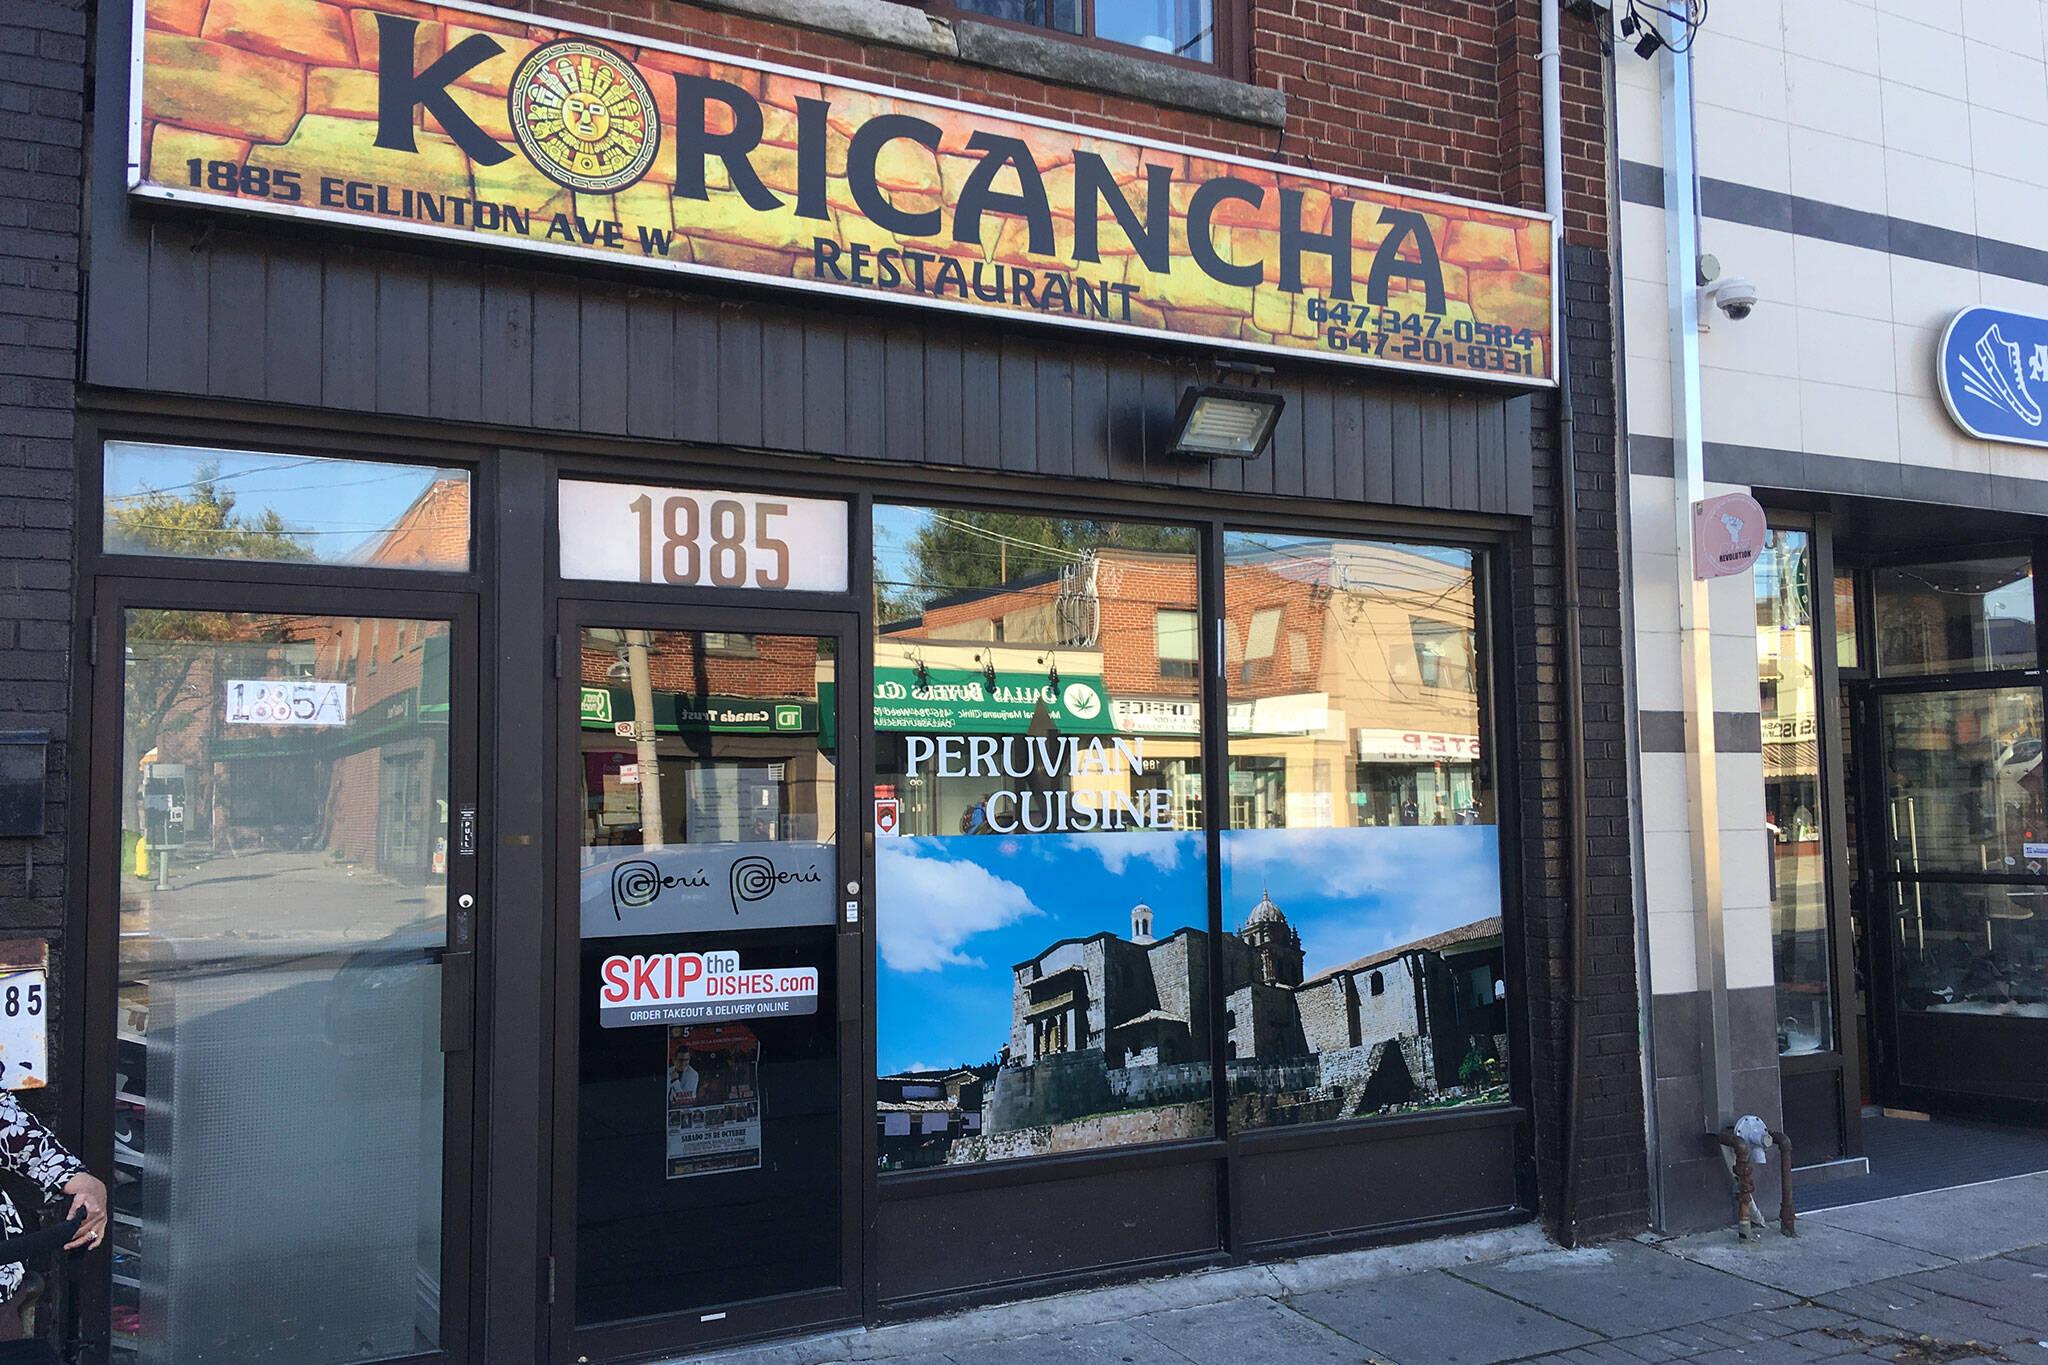 Koricancha Toronto